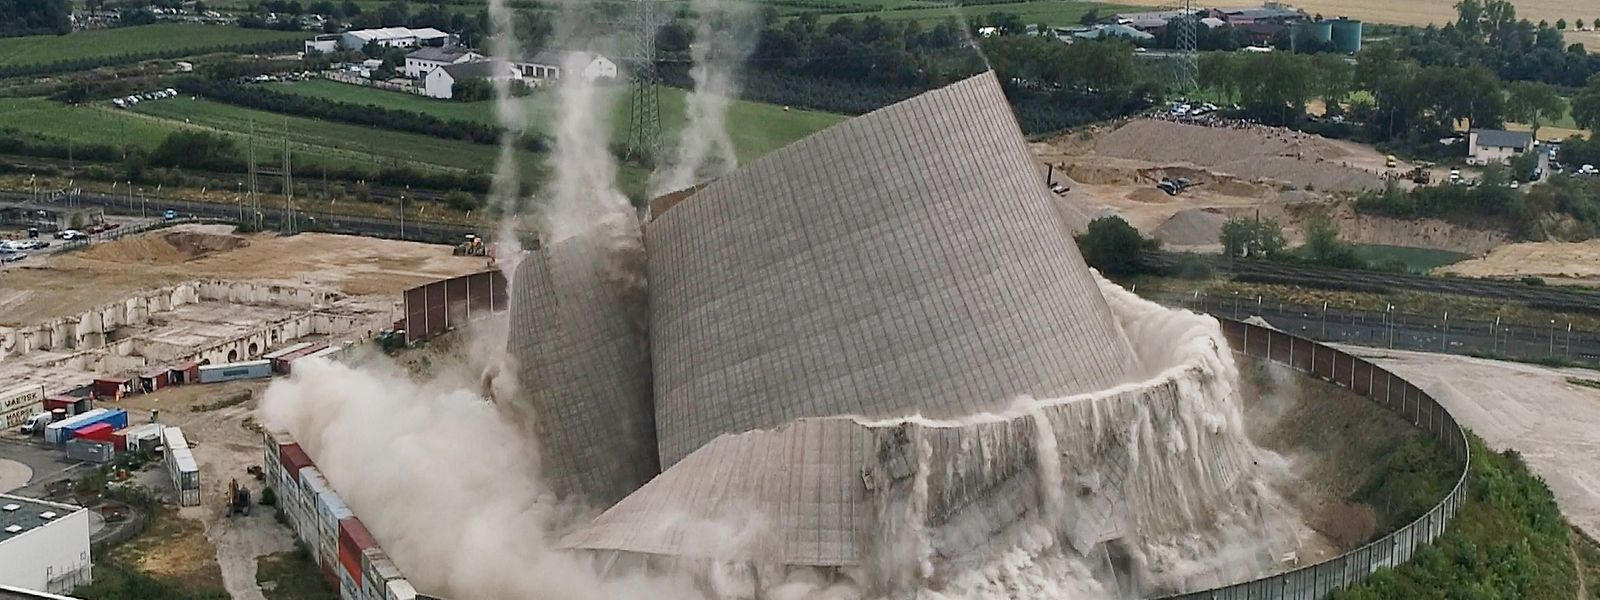 Im Sommer 2019 wurde der Kühlturm des Kernkraftwerks Mülheim-Kärlich zum Einsturz gebracht. Der Meiler war nur 13 Monate in Betrieb gewesen und versinnbildlicht die Krise der Atomenergie in Deutschland.